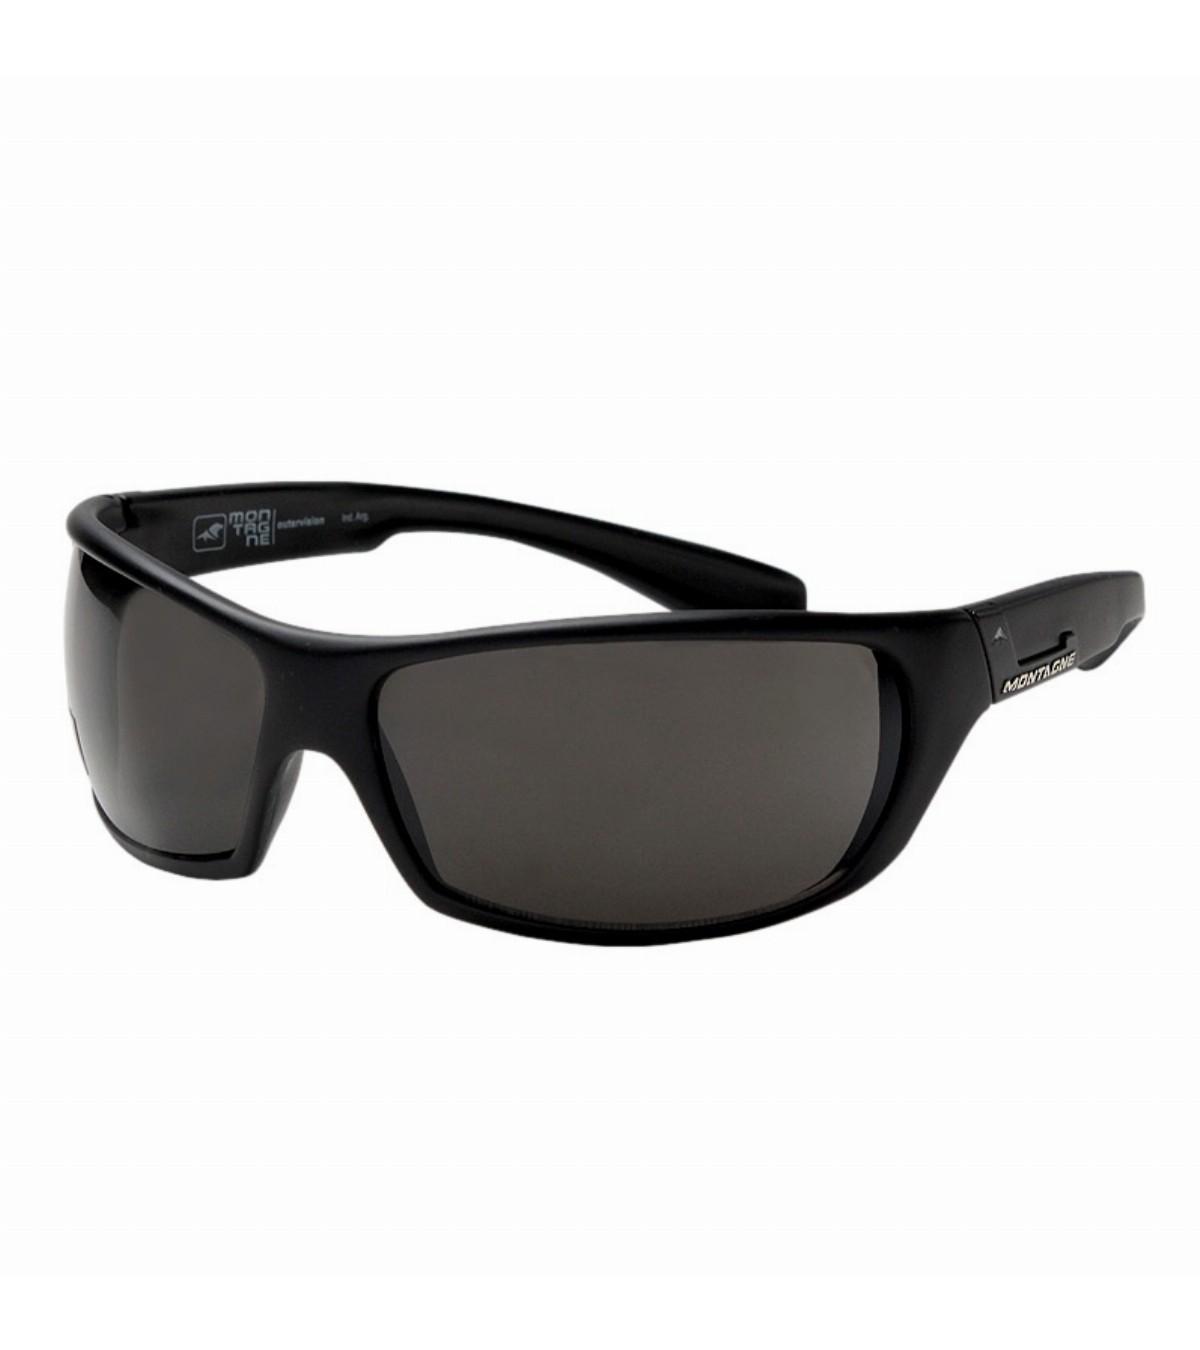 f3d24ae684 Montagne: gafas nieve, anteojos para nieve, gafas de sky, gafas de ...